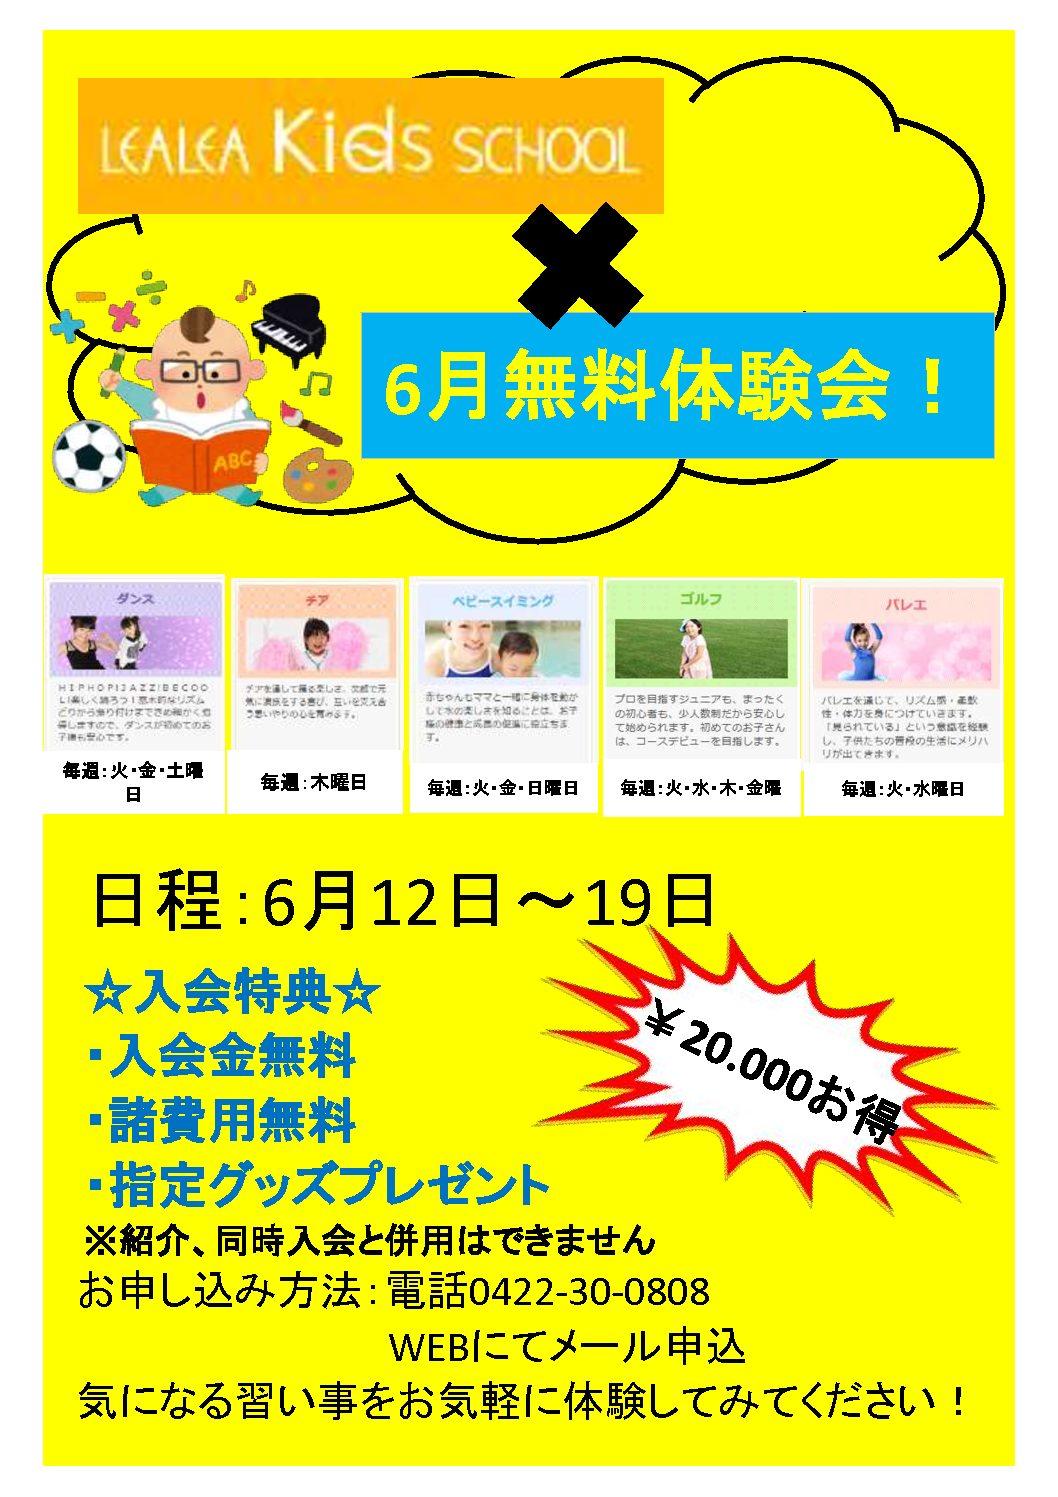 6月キッズスクール無料体験WEEK^^